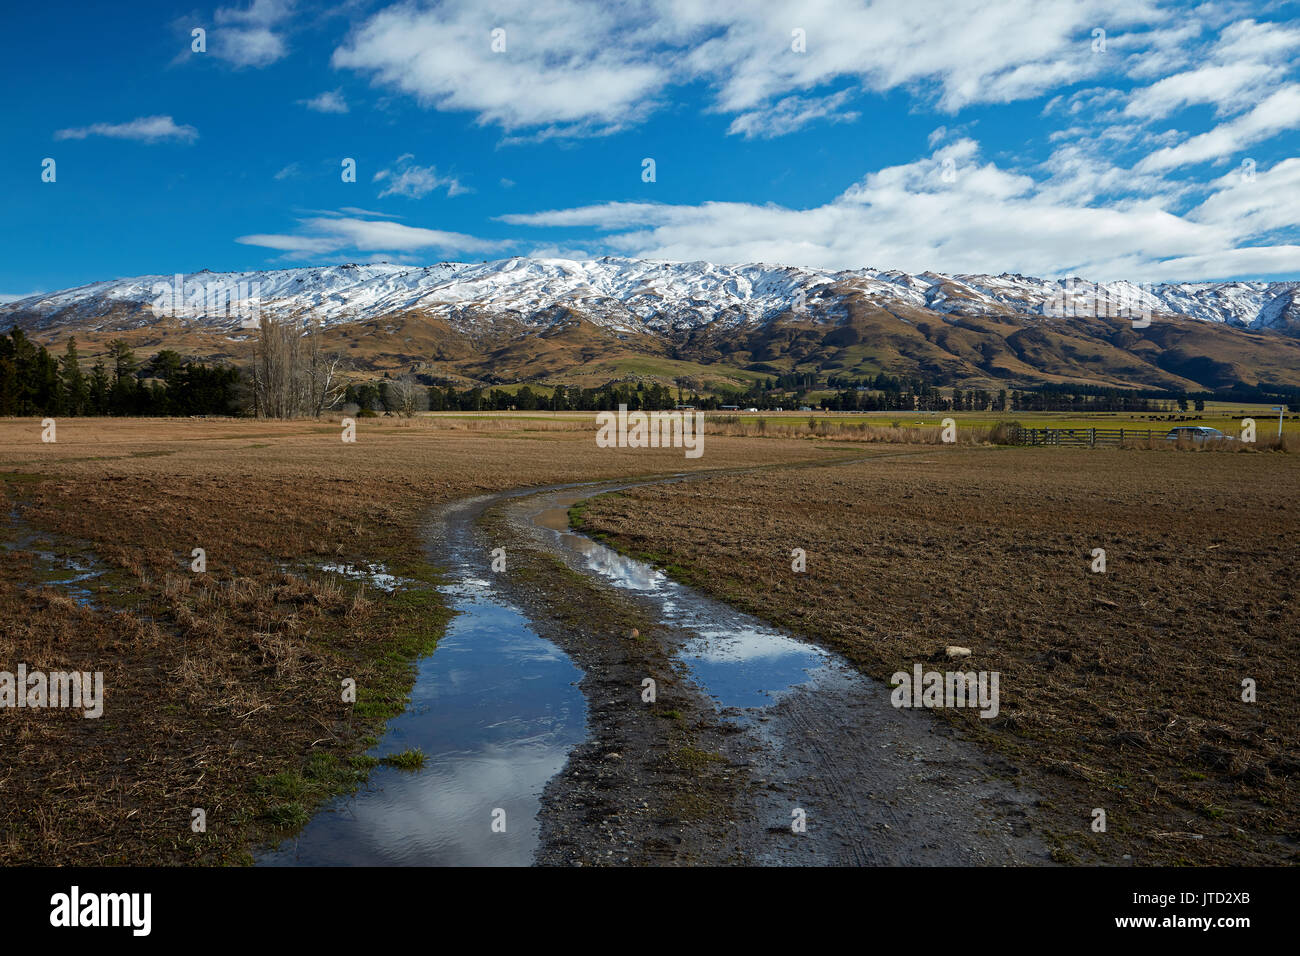 Feldweg und Rock und Säule, Sutton, in der Nähe von Middlemarch, Strath Taieri, Otago, Südinsel, Neuseeland Stockfoto